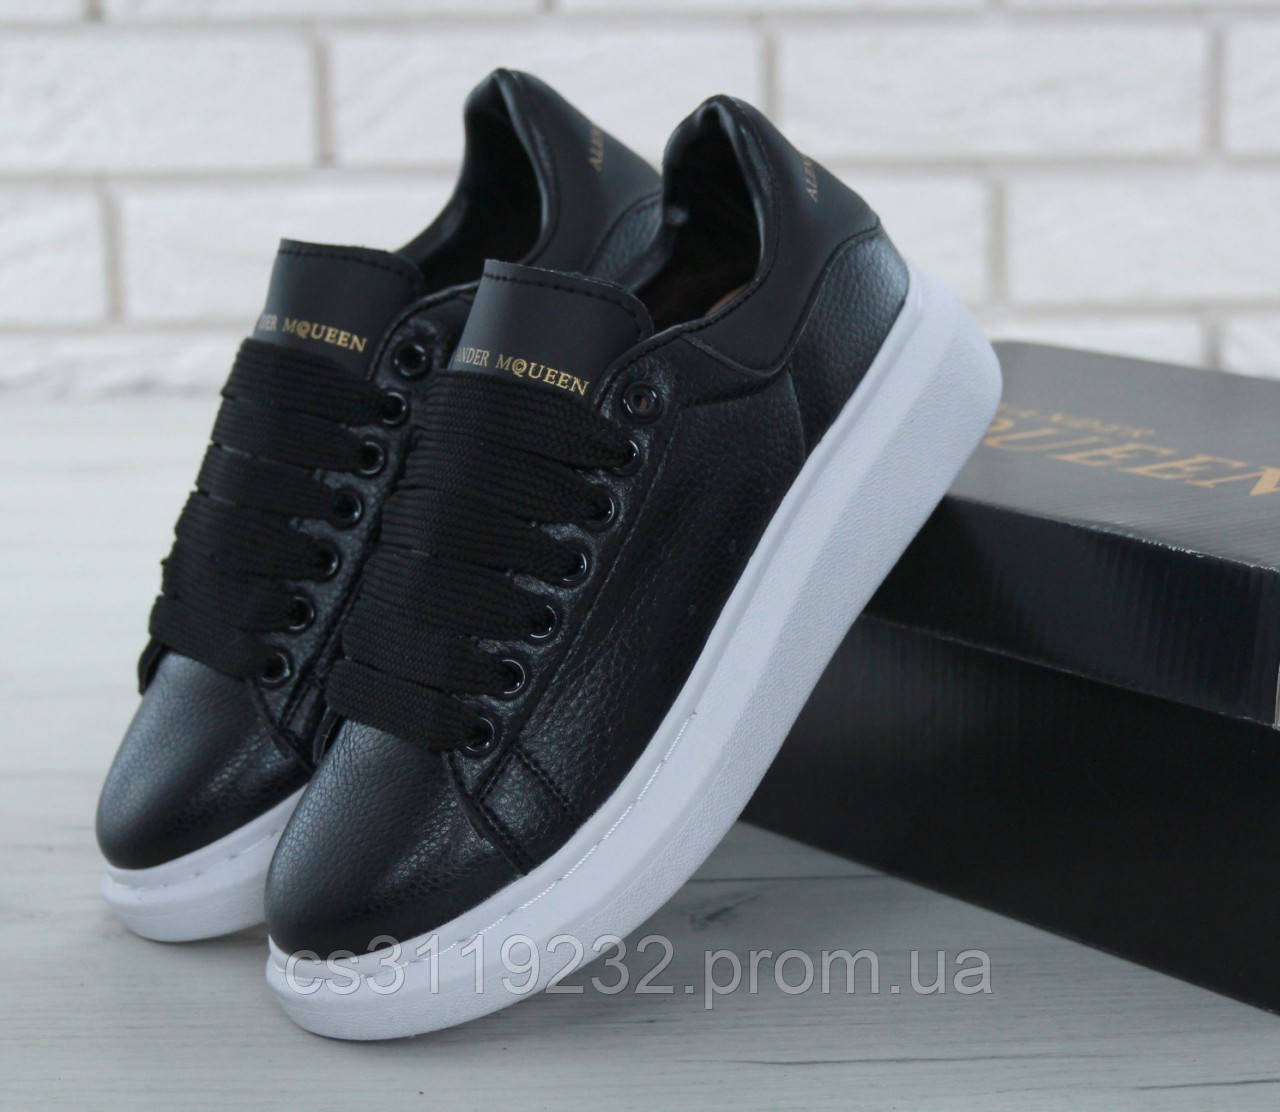 Женские кроссовки Black Leather (черные)